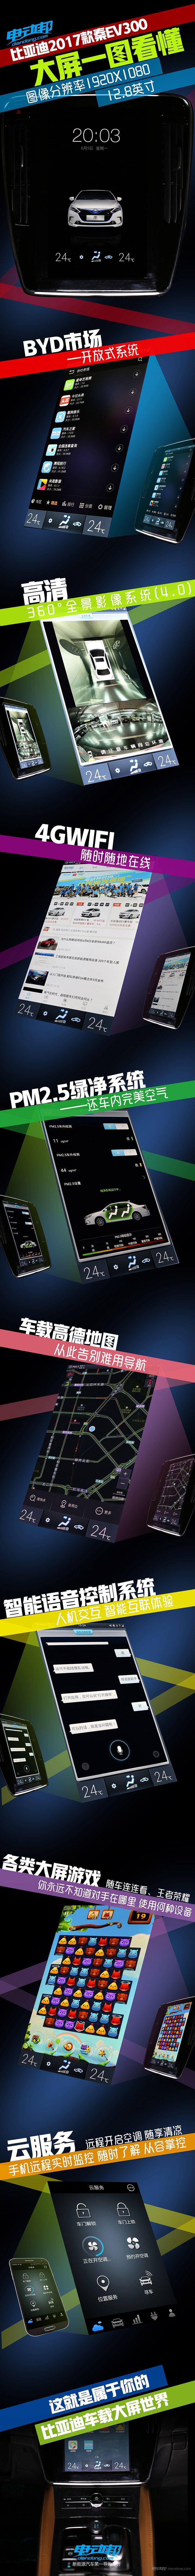 比亚迪中控大屏智能长图20170623确认版===